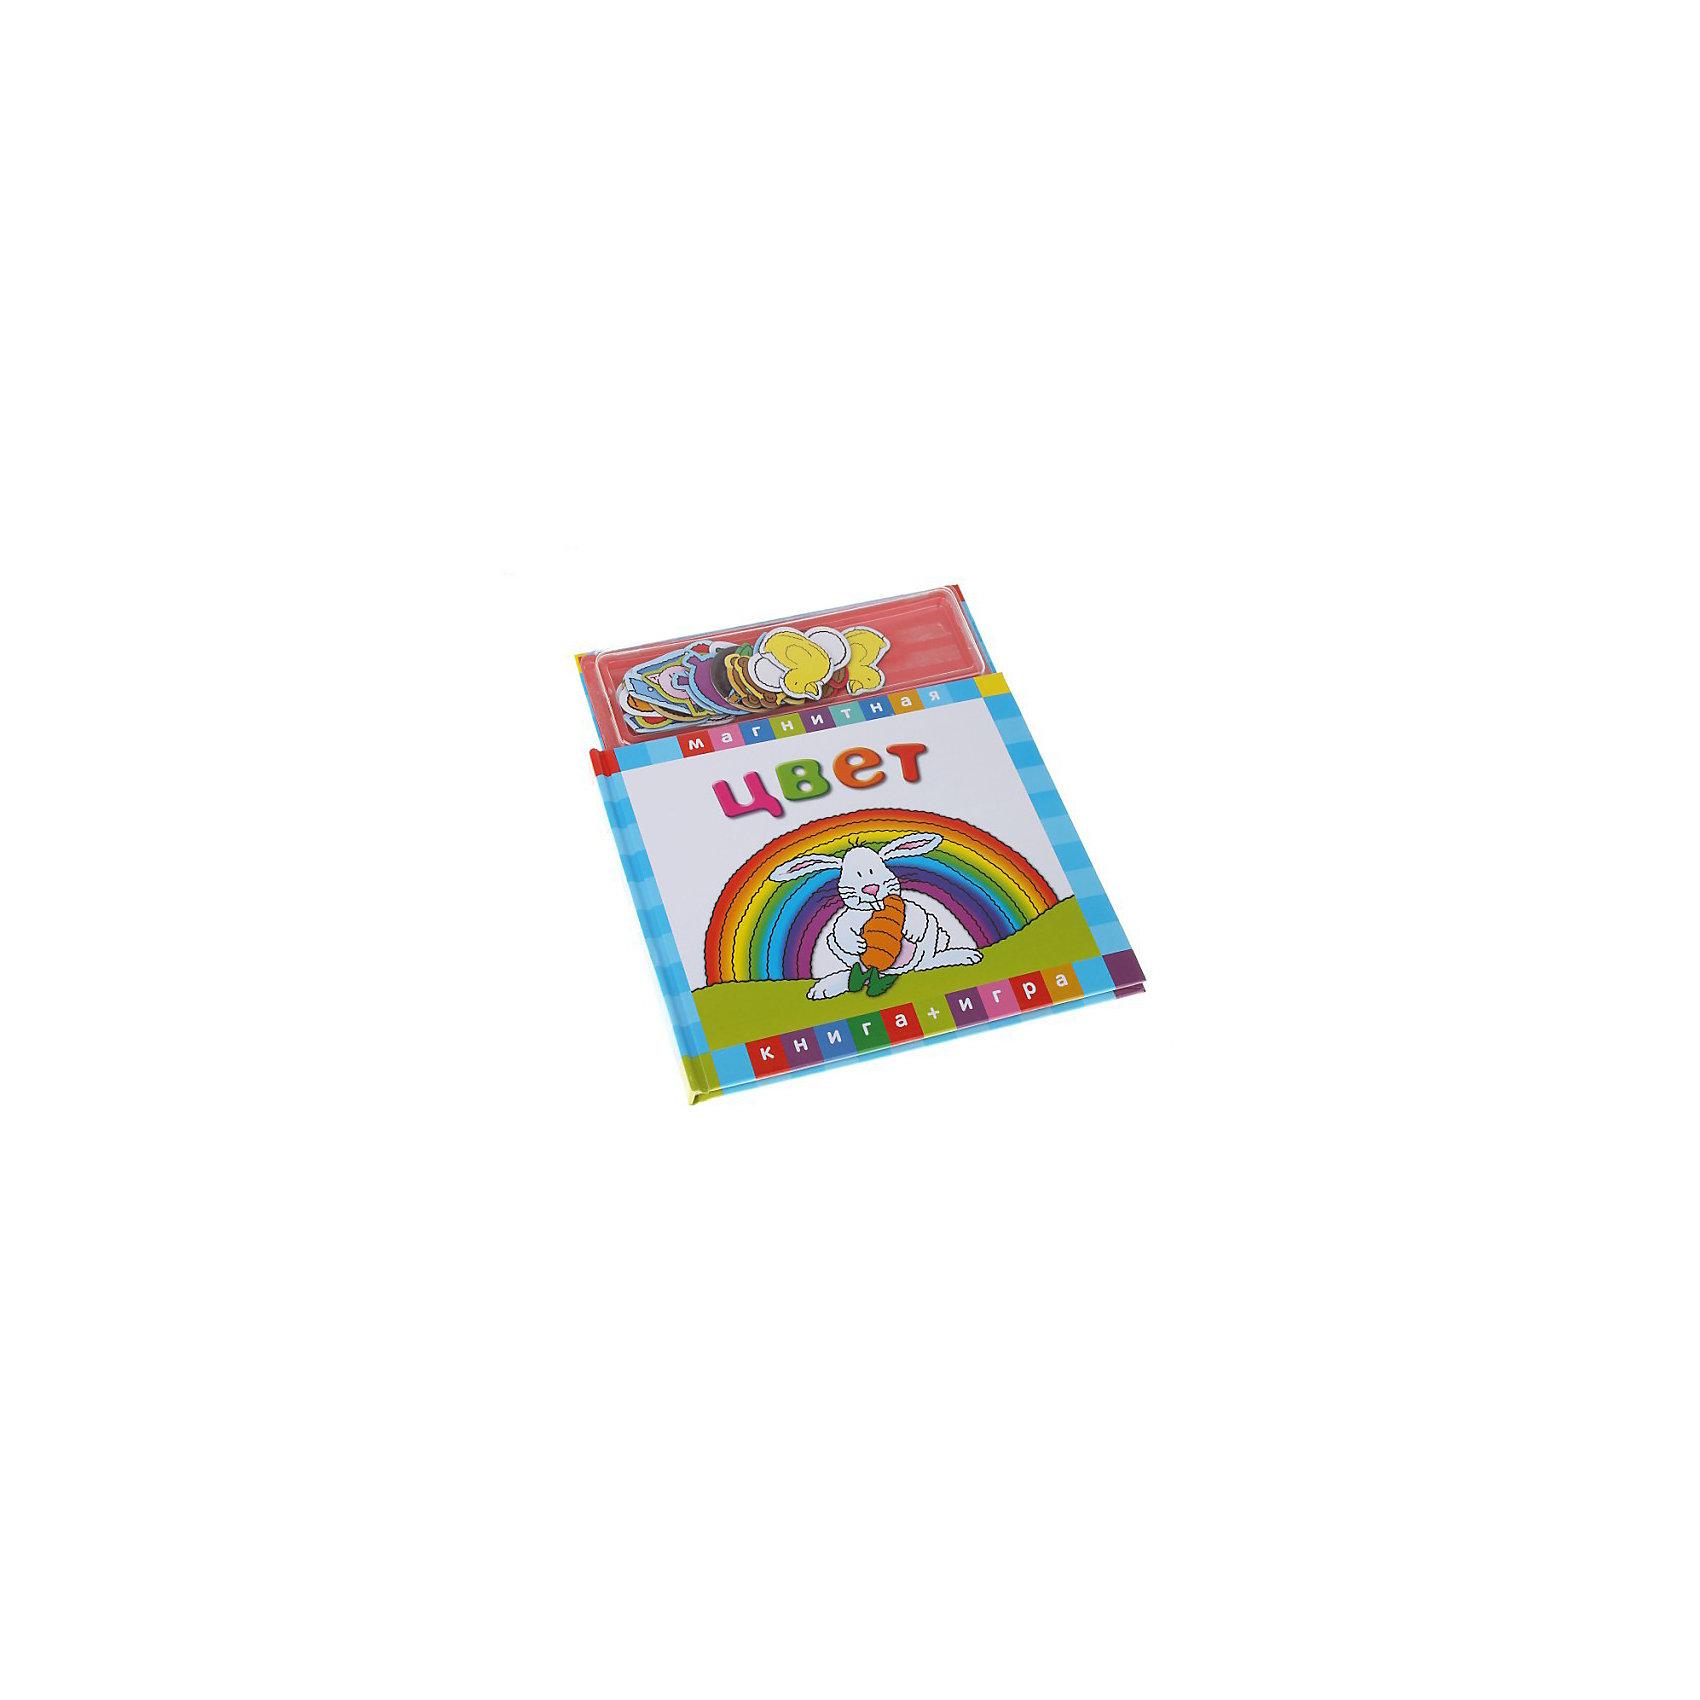 Магнитные книжки ЦветМагнитные книжки Цвет<br>В увлекательной игровой форме ребенок узнает об основных цветах радуги. В этой книге страницы магнитные, фишки тоже магнитные, а задания полезные и увлекательные.<br>Детям нравится располагать магнитные фигурки на страницах нашей развивающей книги-игры. Это, пожалуй, самый приятный и очень эффективный способ подготовить ребенка к школе.<br>Состав набора:<br>• Книга с магнитными страницами <br>• Магнитные картинки различного цвета<br>Размер упаковки (д/ш/в): 210 х 10 х 240 мм<br><br>Ширина мм: 210<br>Глубина мм: 10<br>Высота мм: 240<br>Вес г: 500<br>Возраст от месяцев: 36<br>Возраст до месяцев: 72<br>Пол: Унисекс<br>Возраст: Детский<br>SKU: 2358239